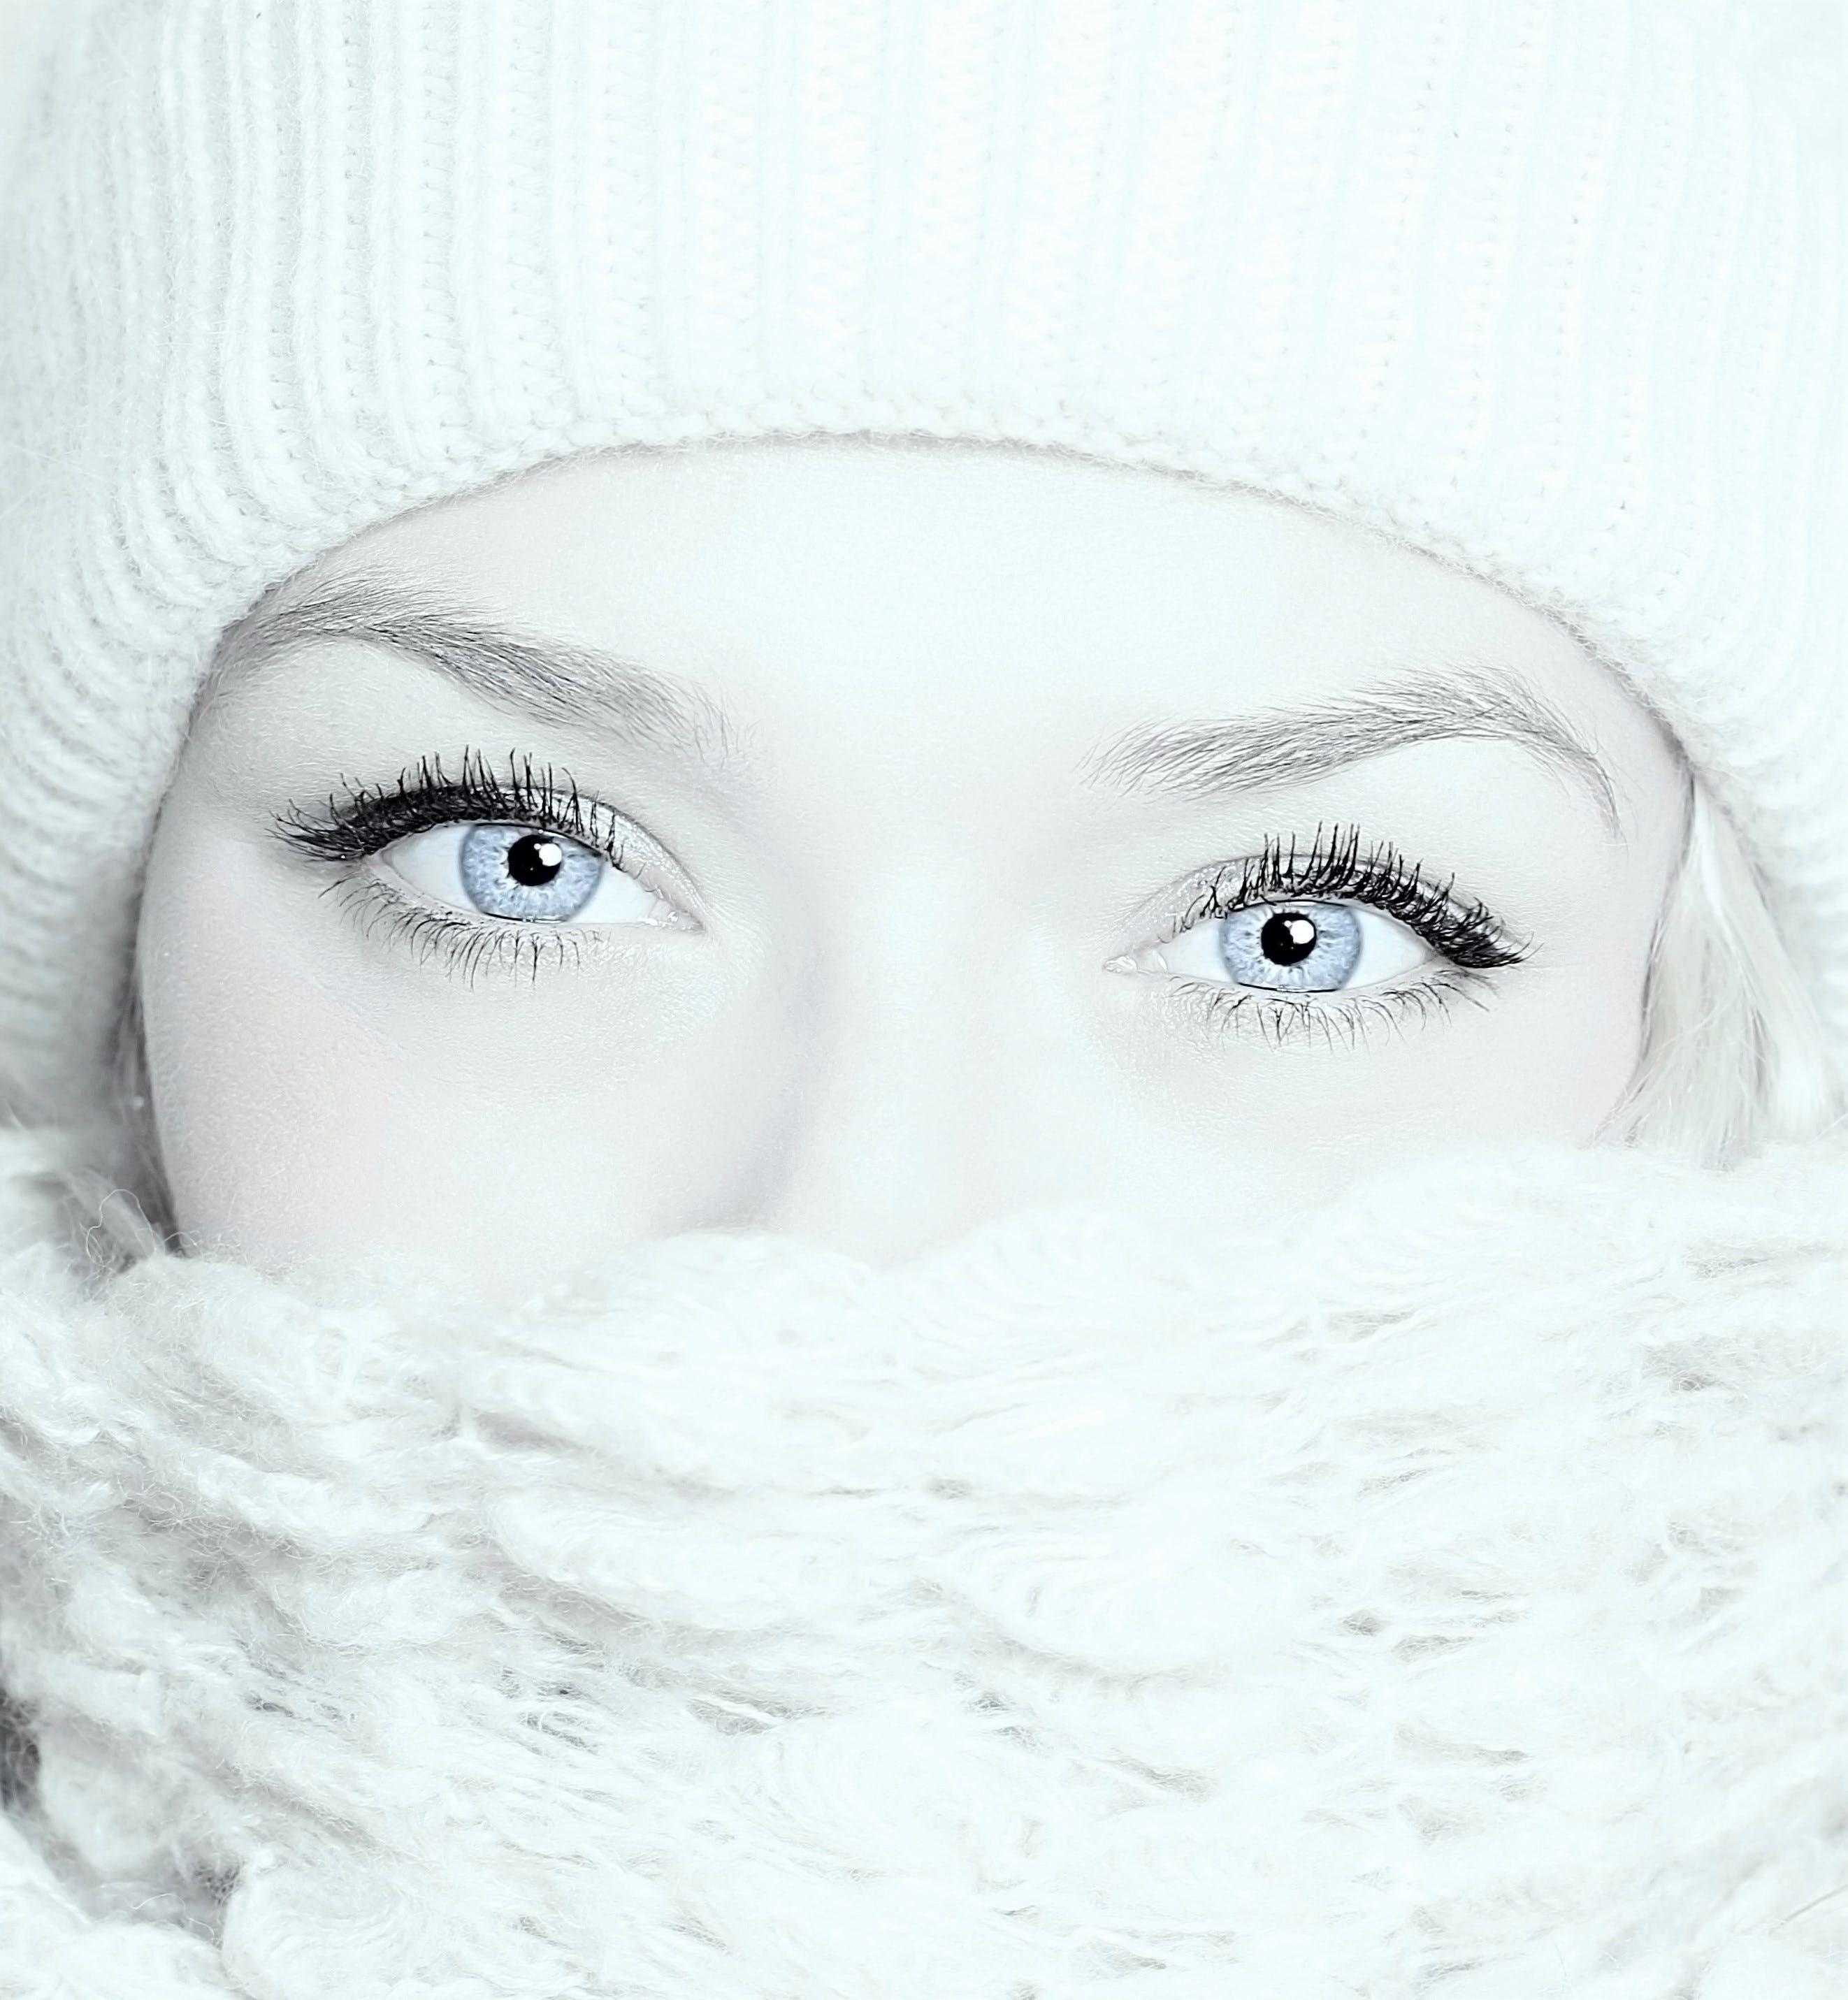 Fotos de stock gratuitas de apariencia, belleza, bonito, bufanda